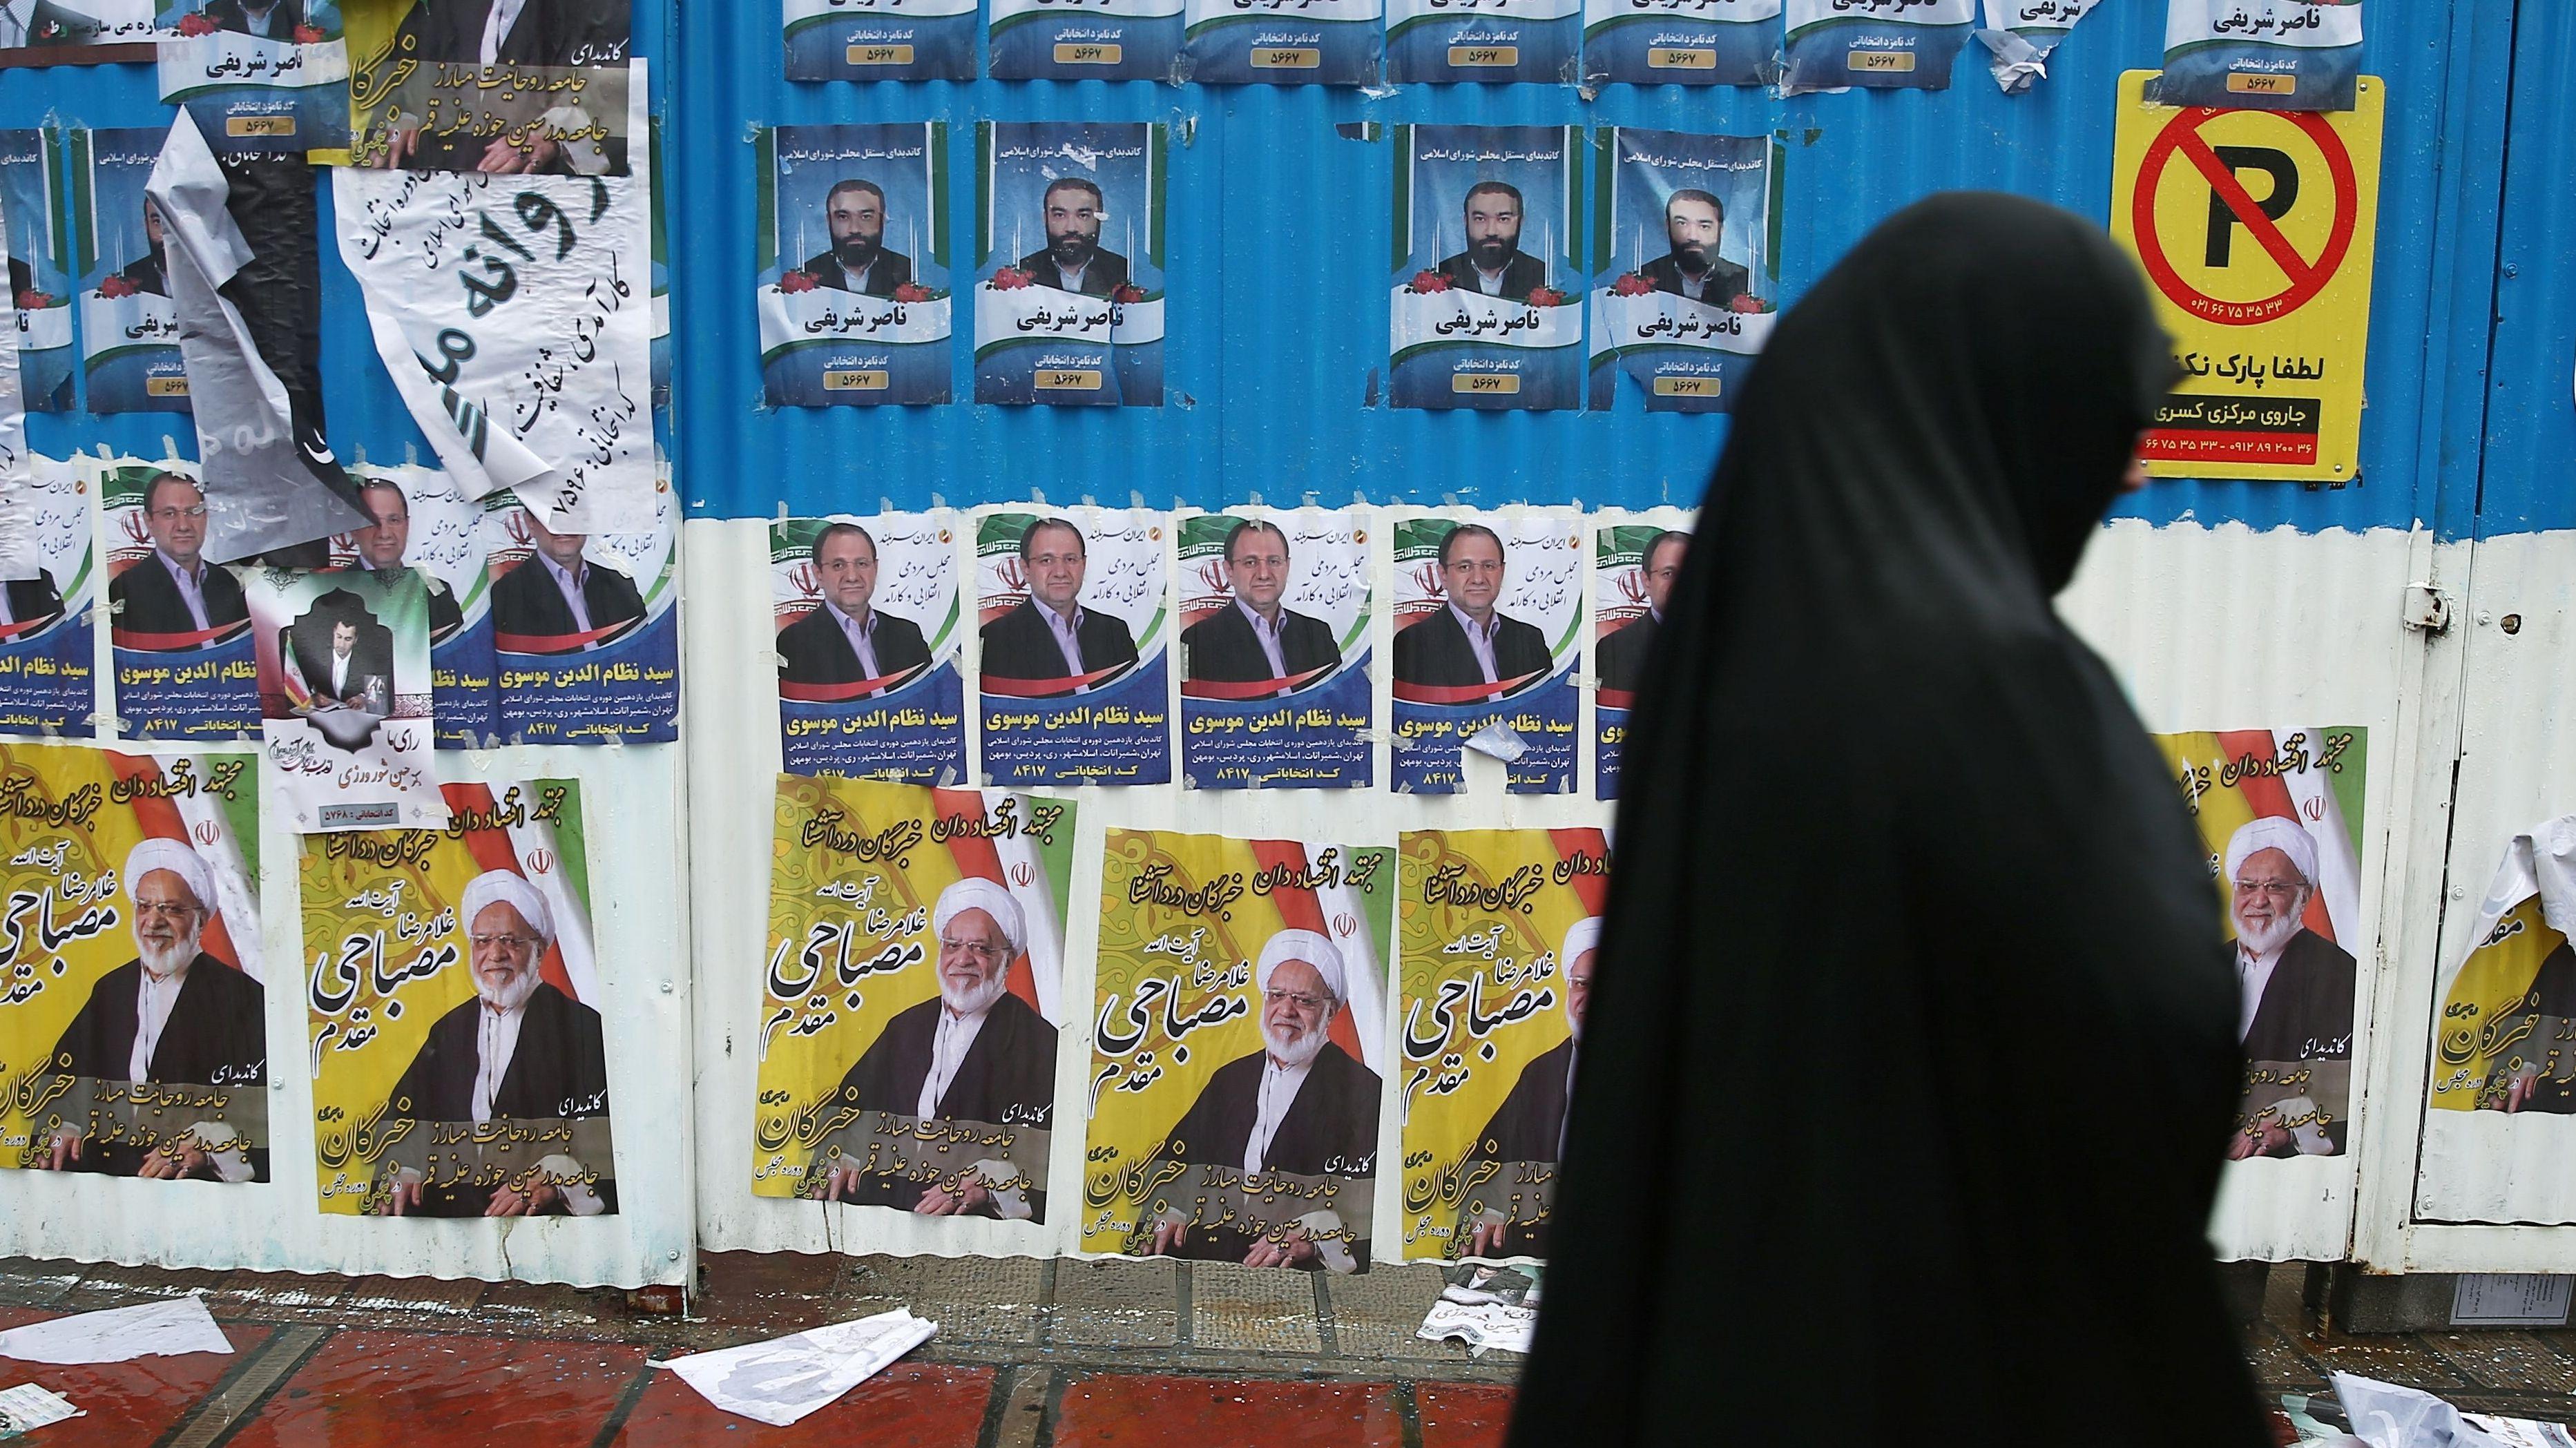 Eine Frau geht in Teheran an Wahlplakaten vorbei